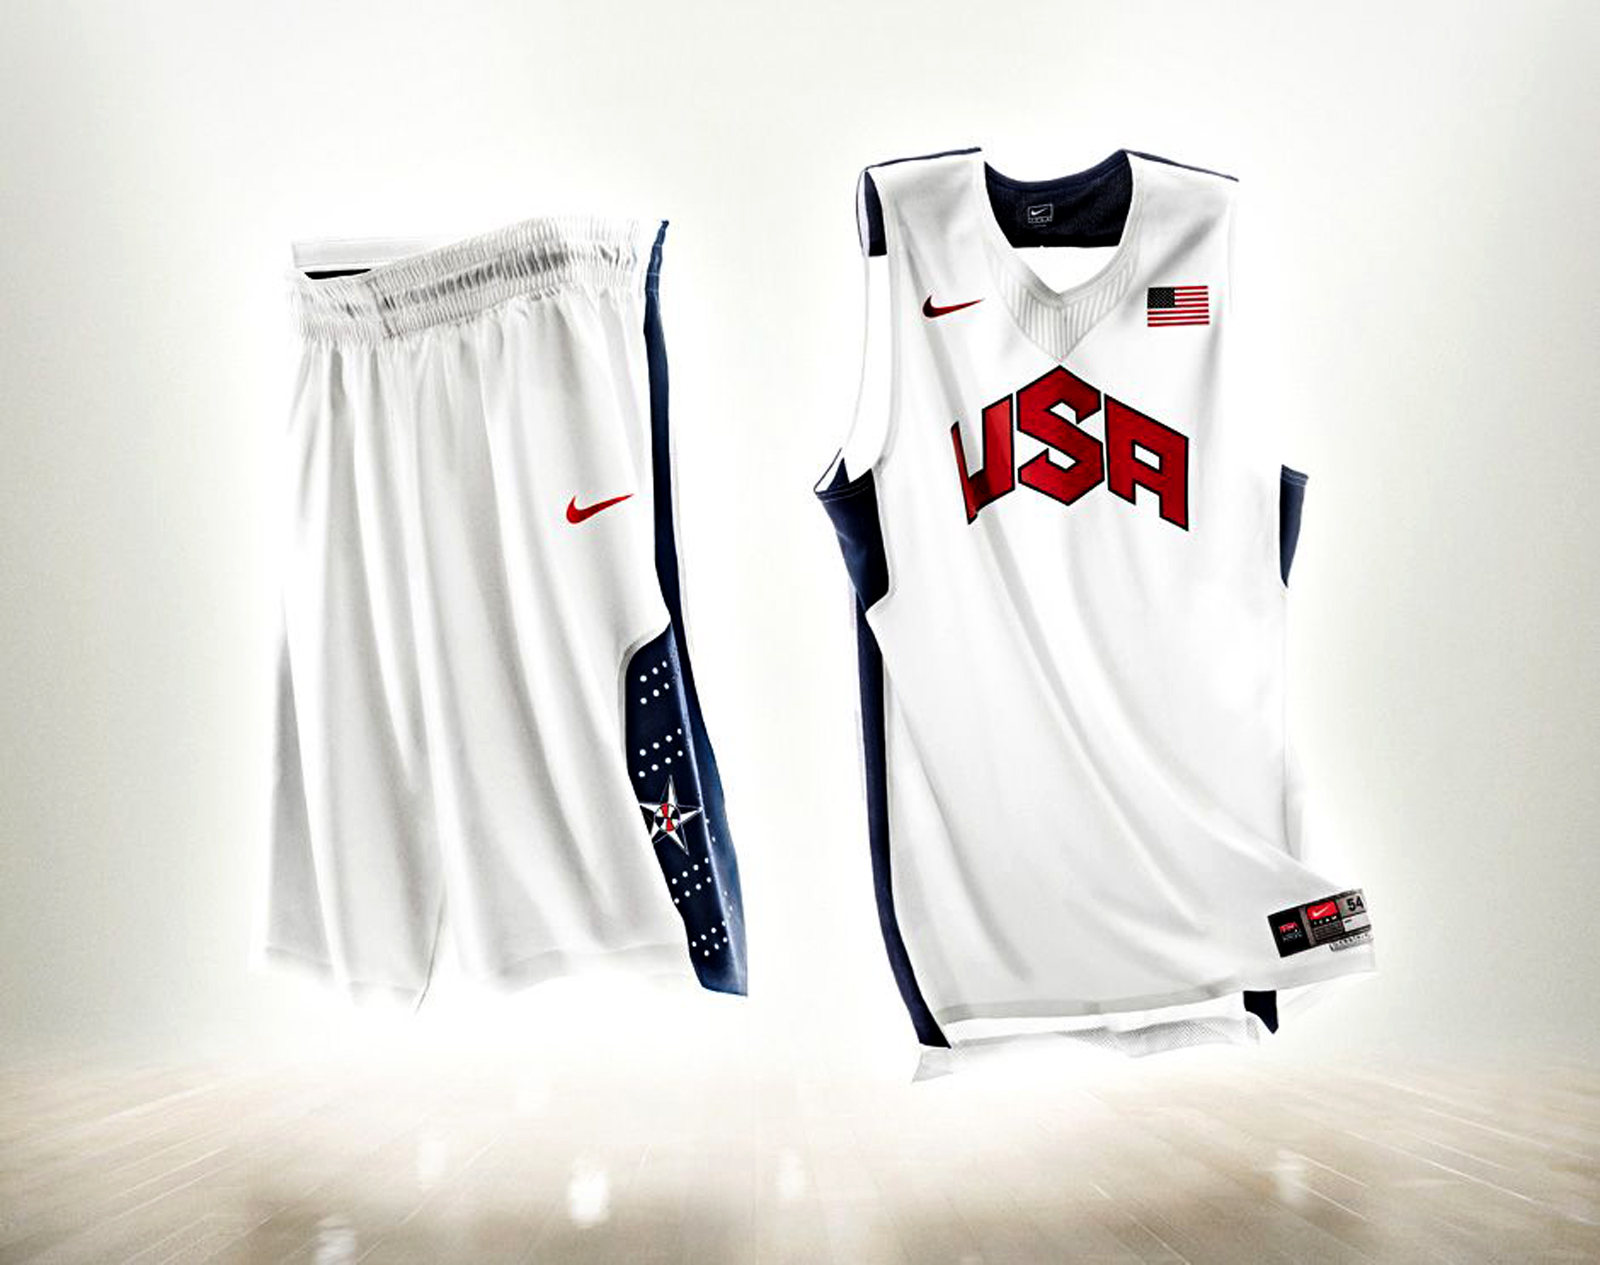 http://1.bp.blogspot.com/-fLE24i9lya8/UAWe5g4chgI/AAAAAAAAC4k/uhQqAoG3VAU/s1600/Nike_USA_Basketball_Team_2012_Uniform_HD_Wallpaper-Vvallpaper.Net.jpeg